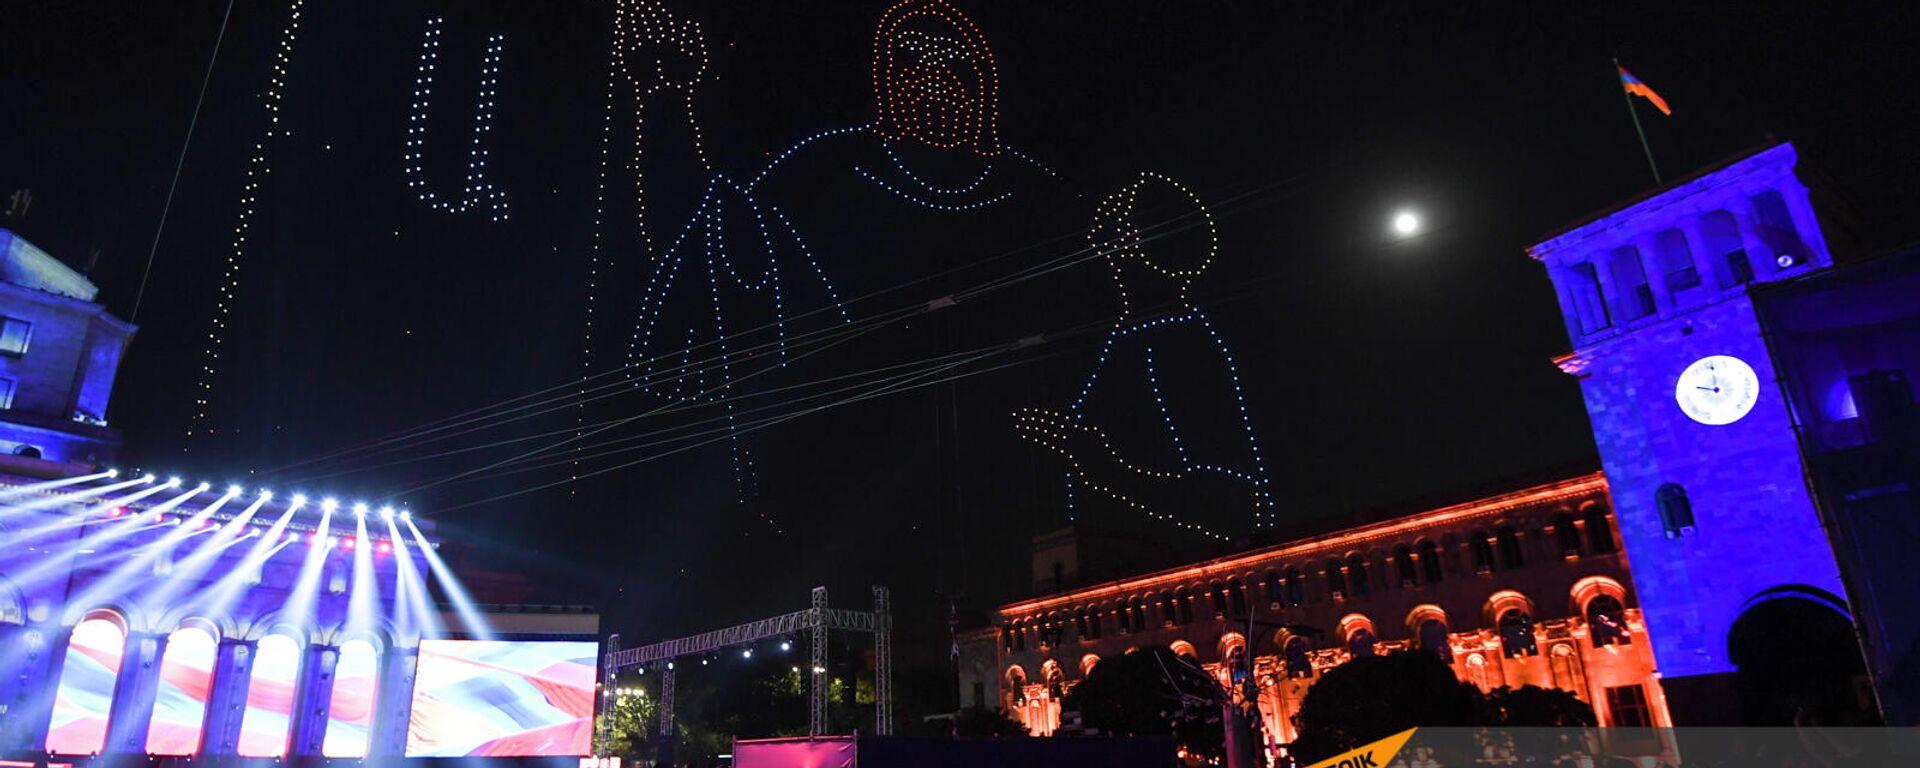 Шоу дронов во время праздничного концерта по случаю 30-летия независимости Республики Армения (21 сентября 2021). Ереван - Sputnik Արմենիա, 1920, 22.09.2021